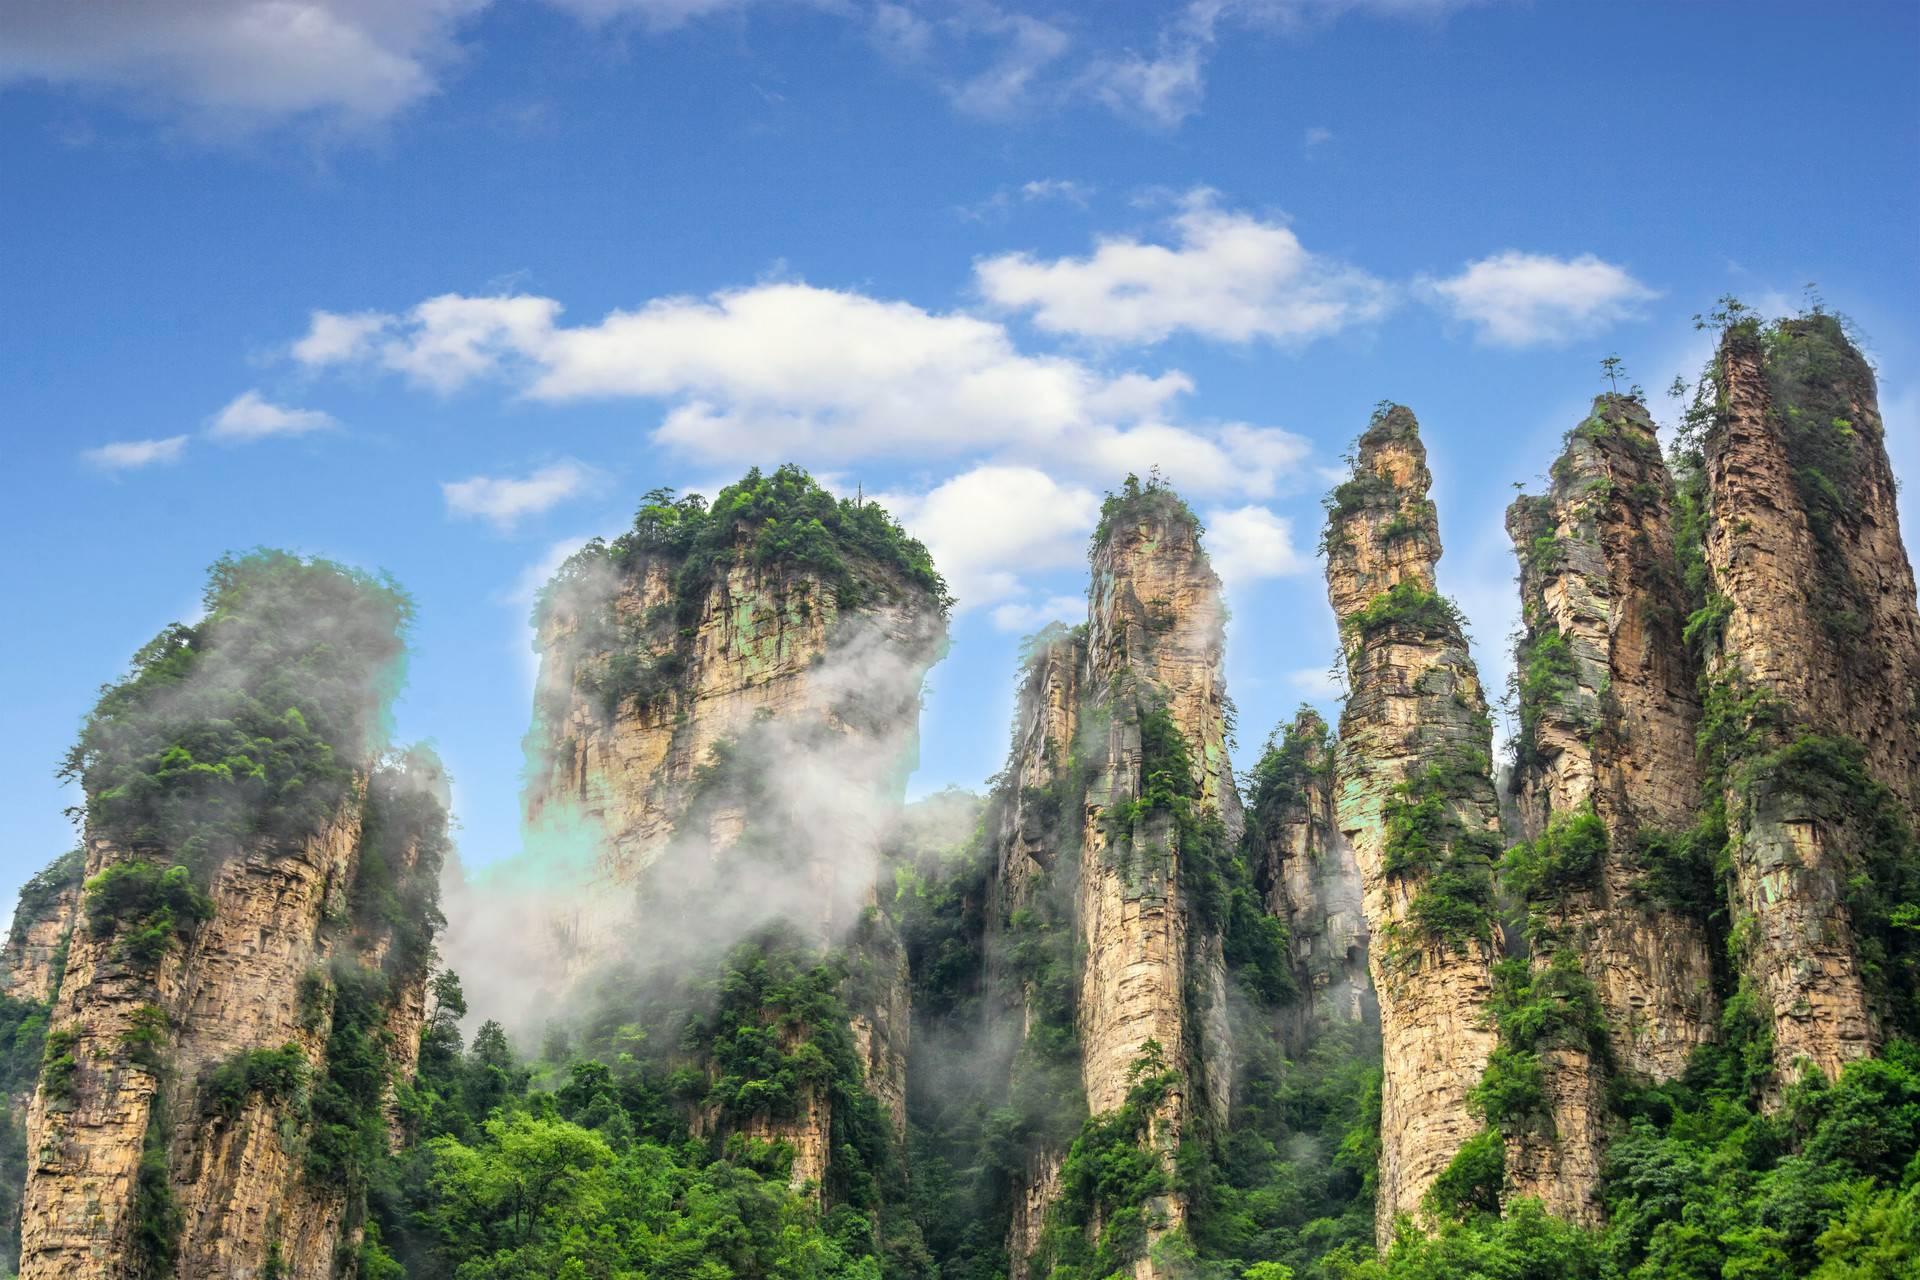 【快乐湘西行】湖南·张家界+森林公园+大峡谷+凤凰·4天3晚